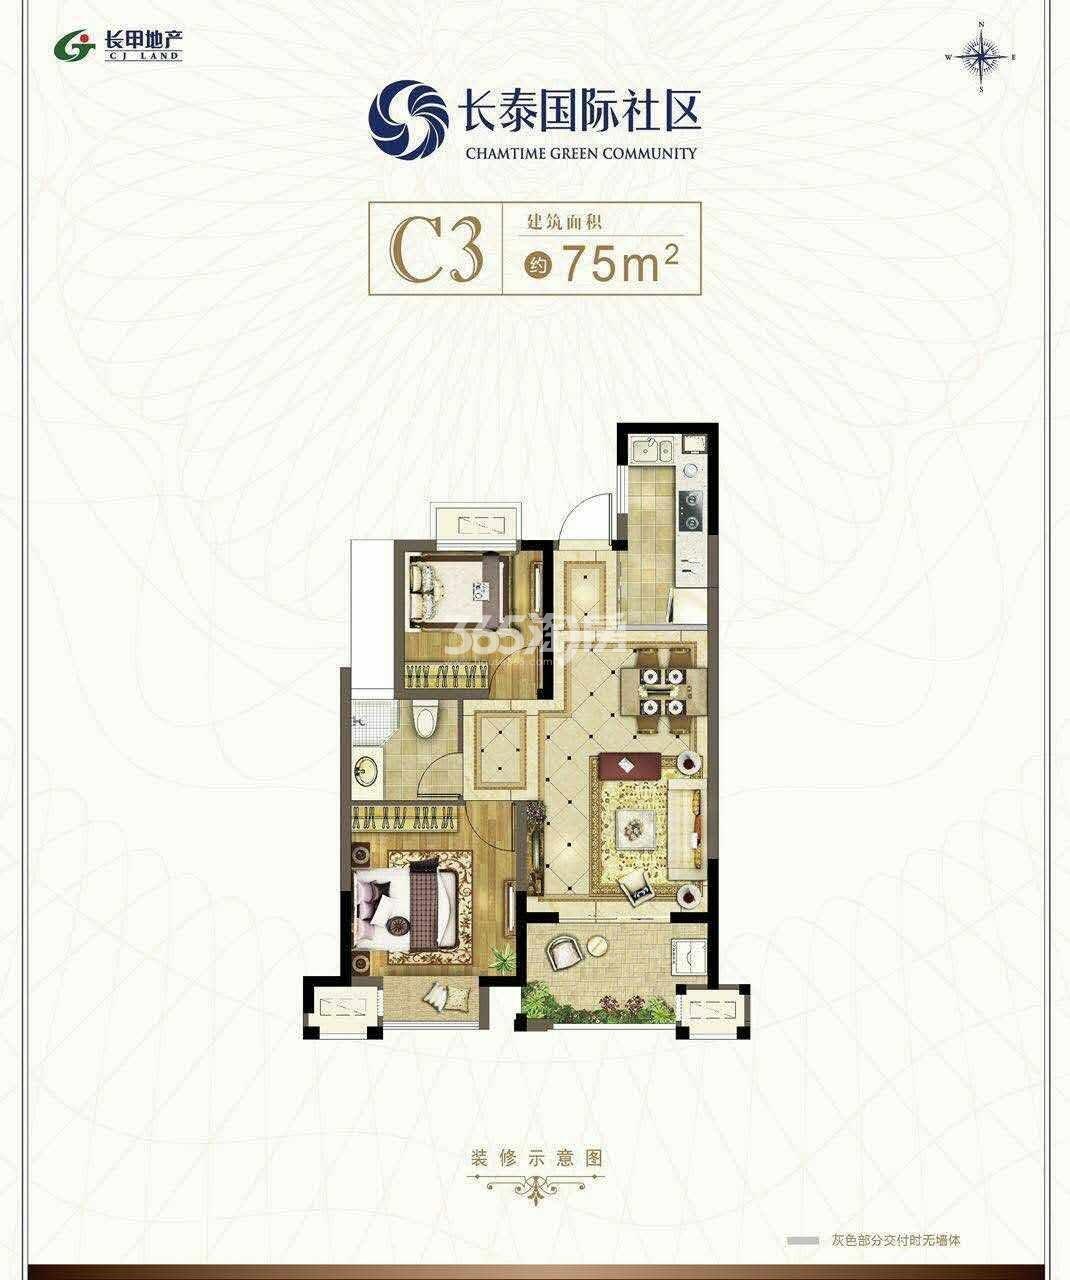 长泰国际社区南B地块75平C3户型图